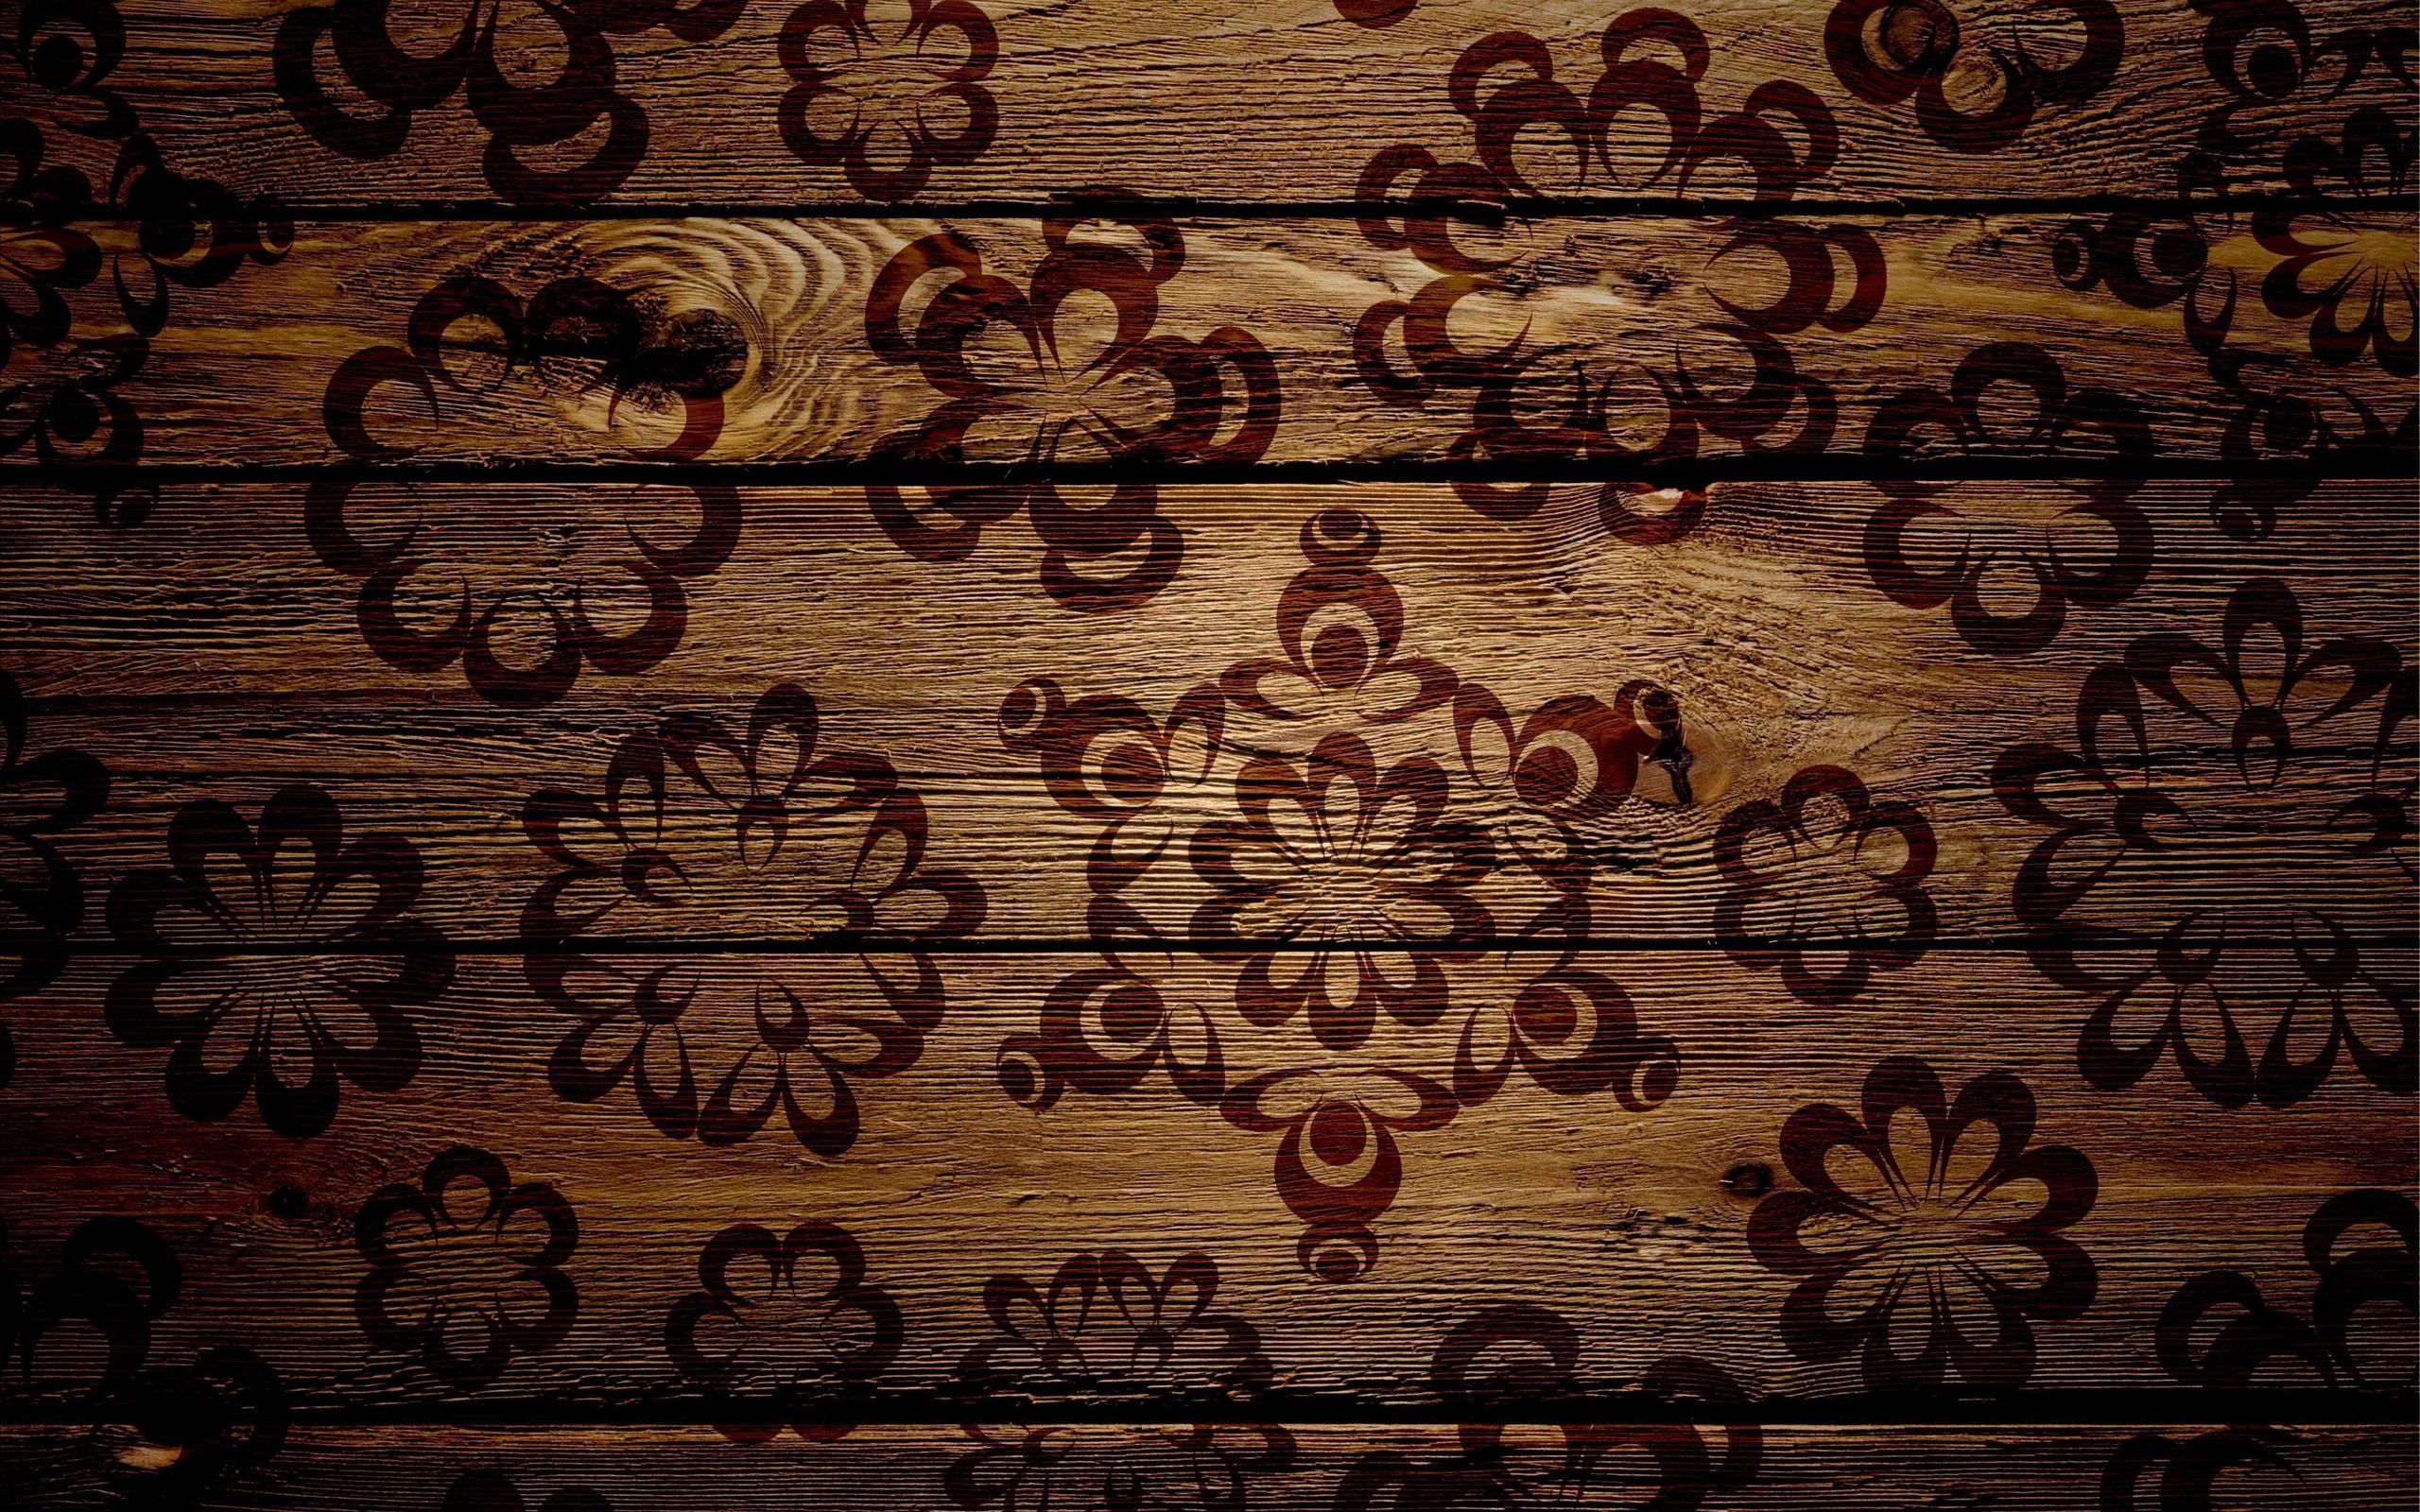 Legno full hd sfondo and sfondi 2560x1600 id 438004 for Sfondo legno hd